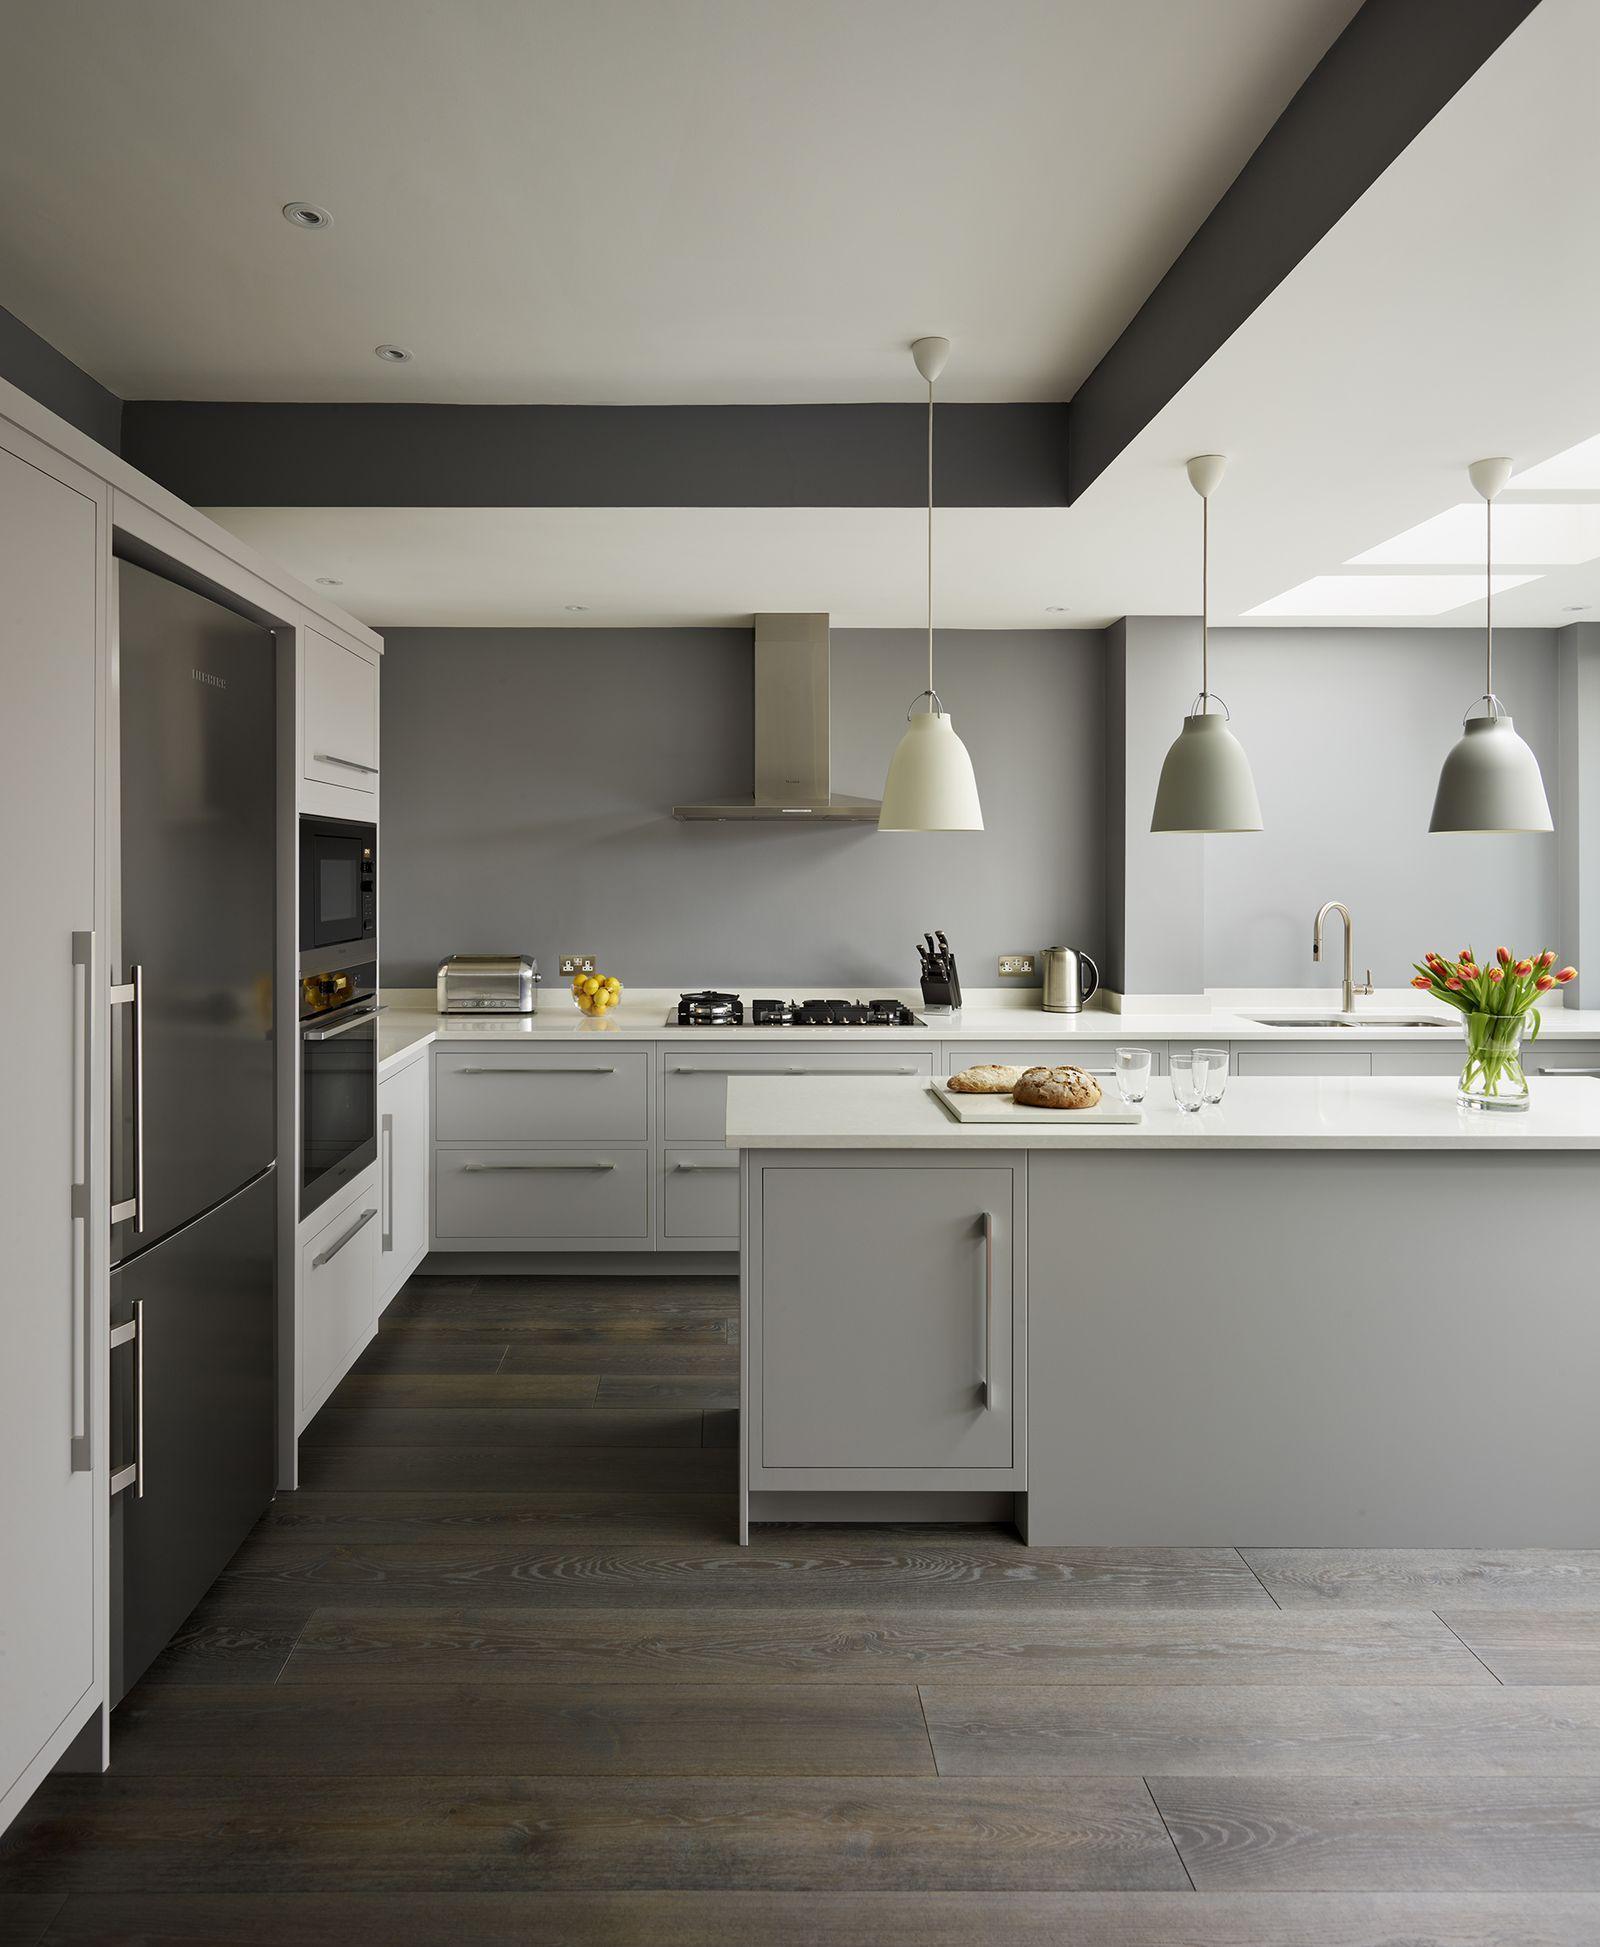 9 stunning dark kitchen ideas   Contemporary grey kitchen, Grey ...